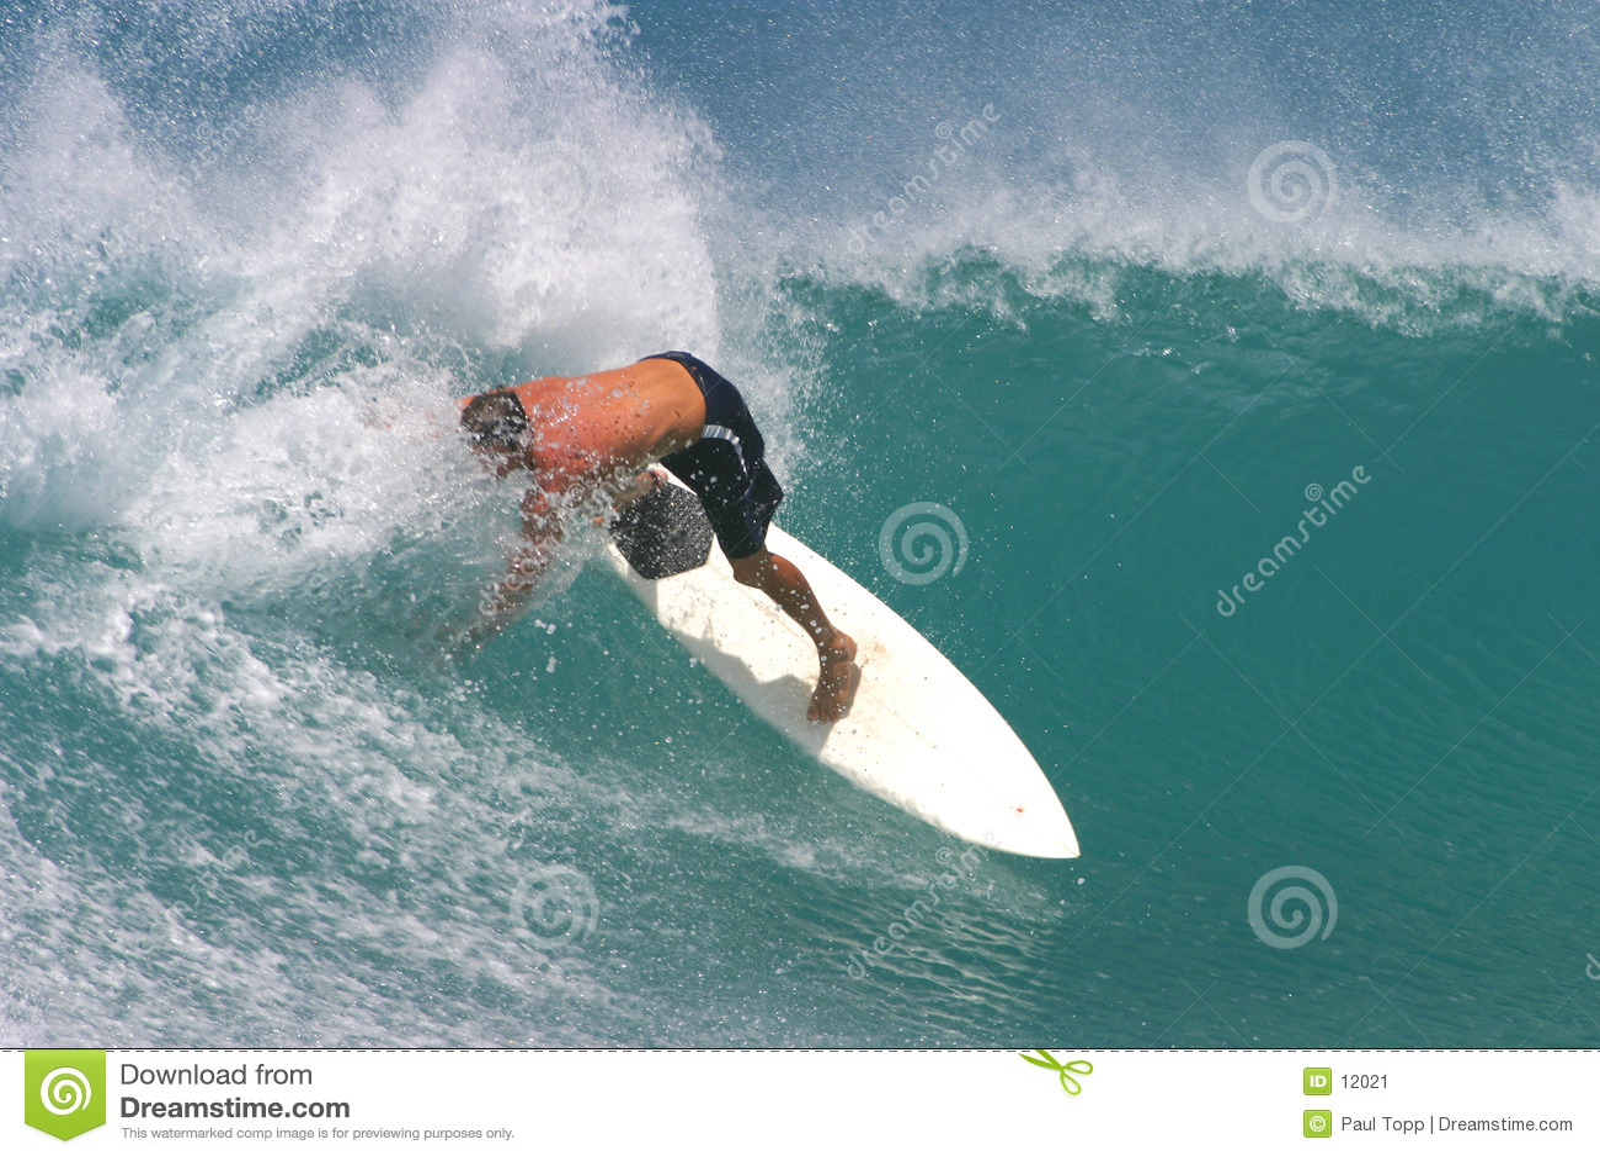 冲浪板冲浪者冲浪的白色